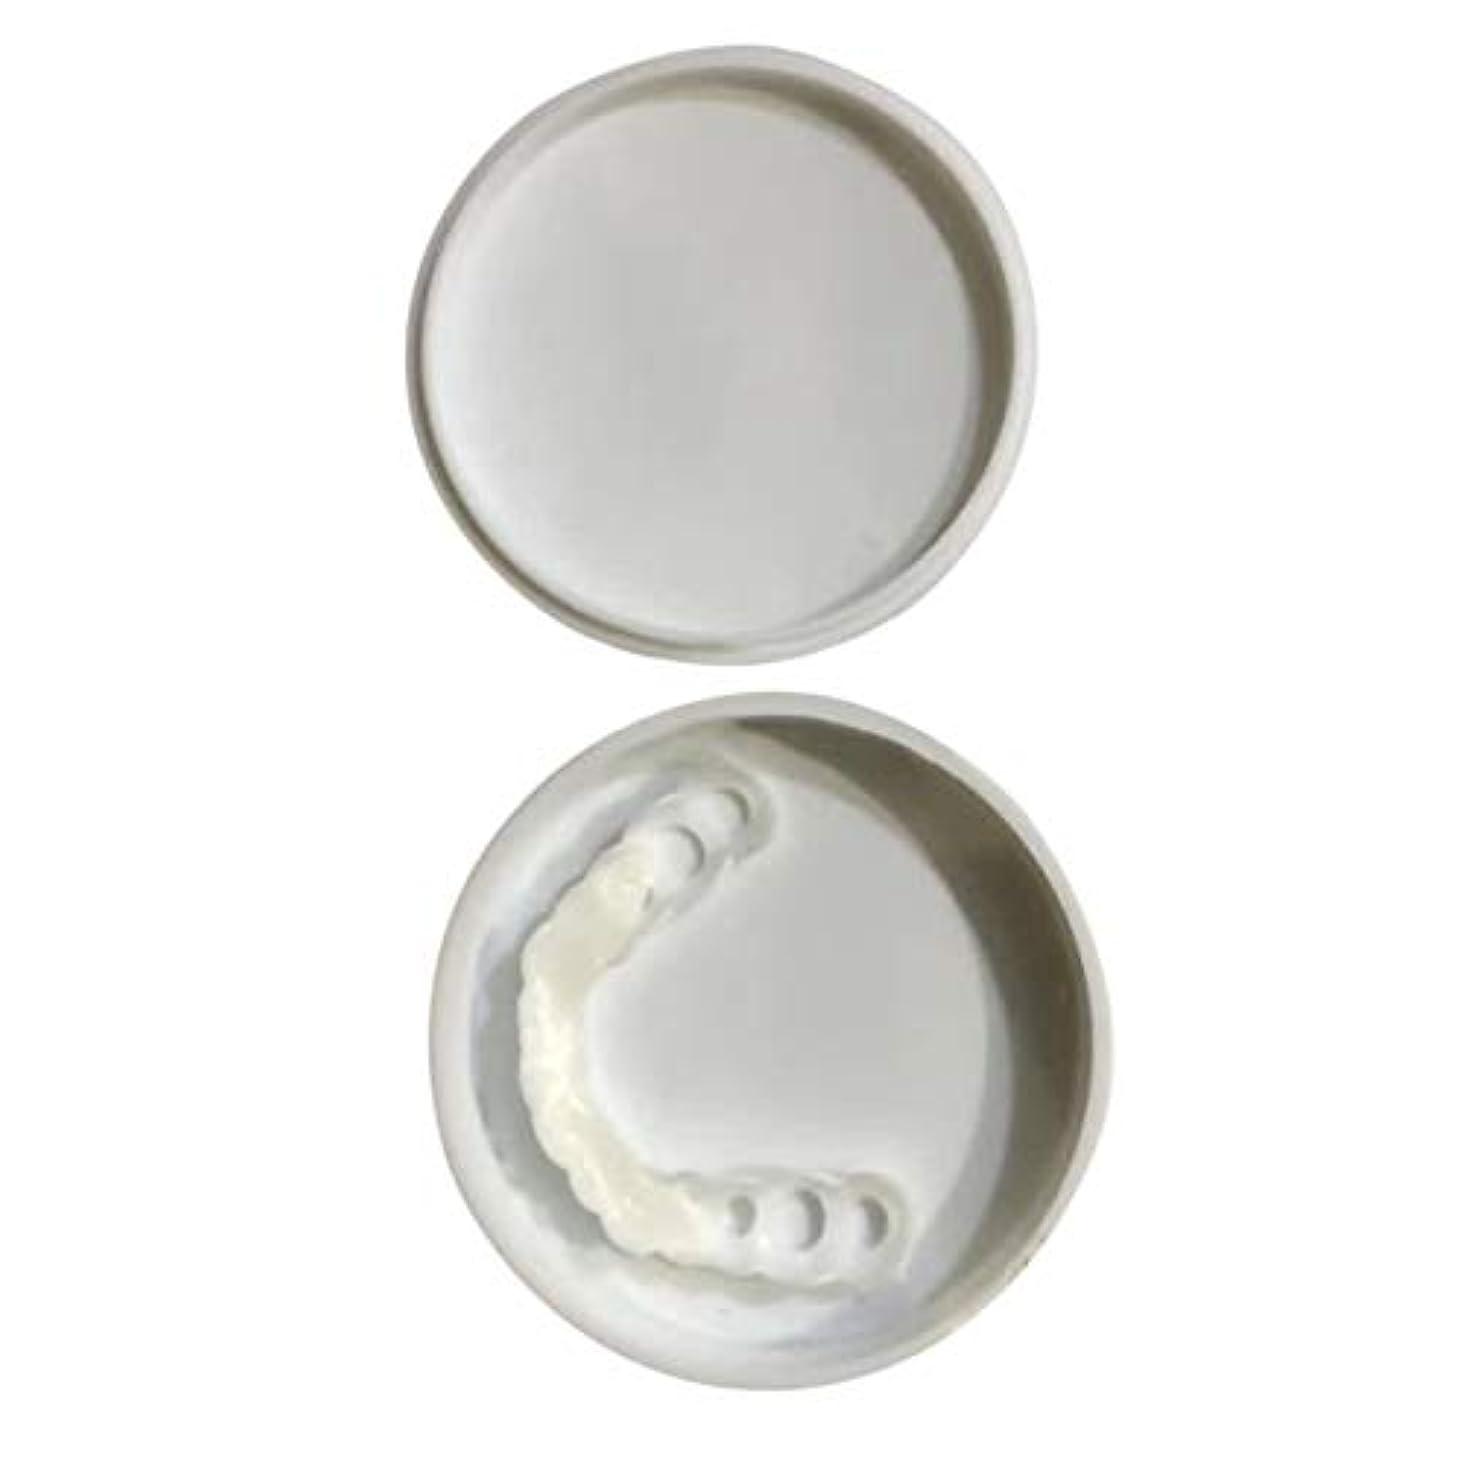 成功する任命する多様性快適なスナップオン男性女性歯インスタントパーフェクトスマイルコンフォートフィットフレックス歯フィットホワイトニング笑顔偽歯カバー - ホワイト